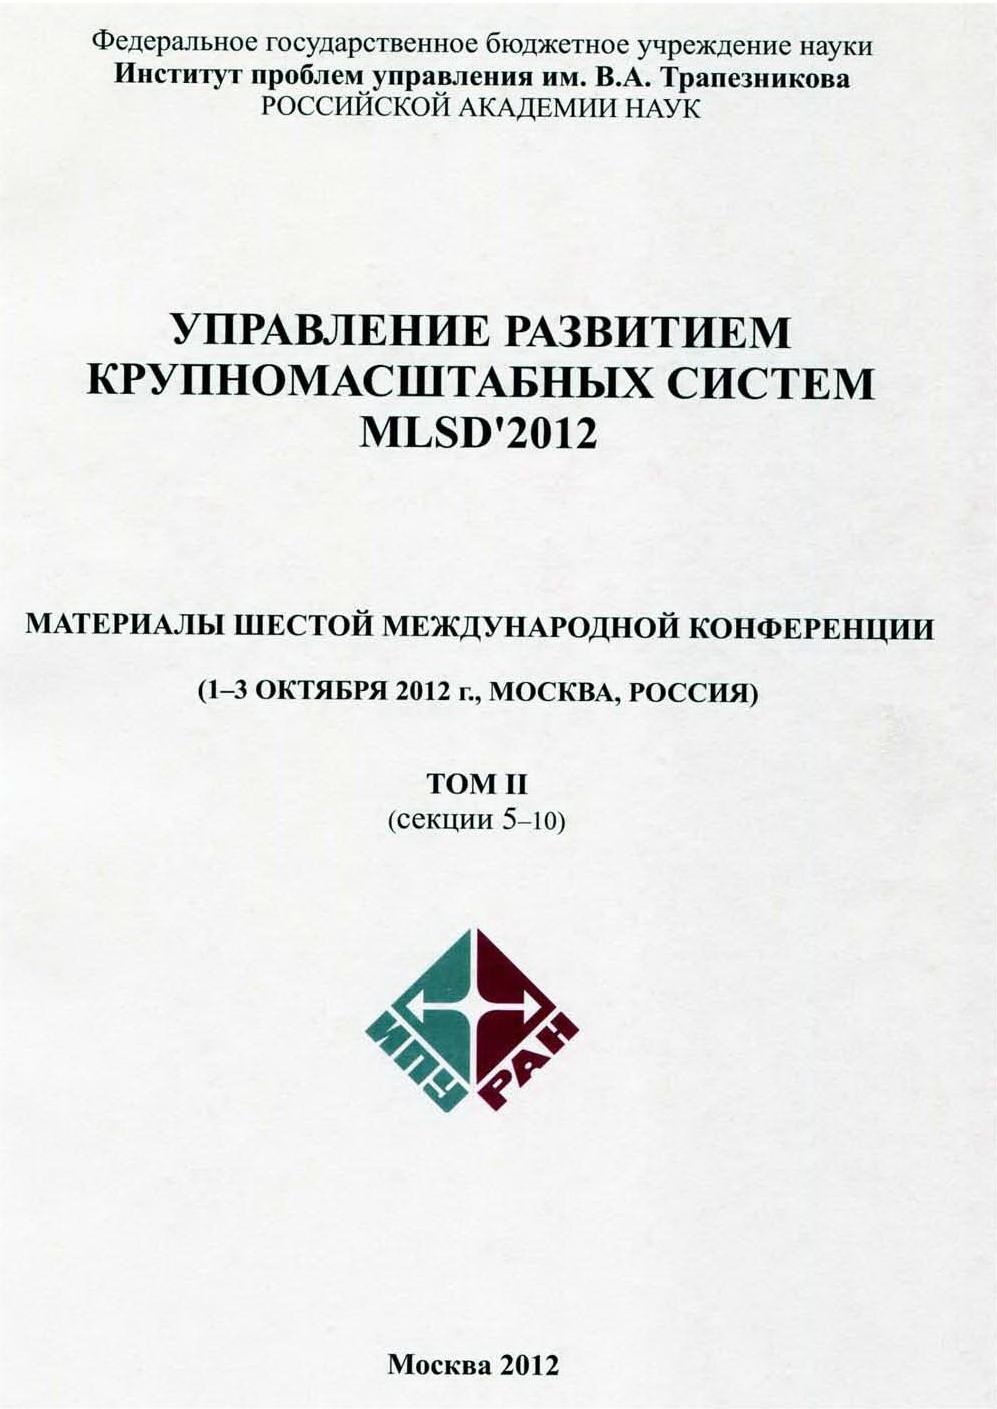 Управление развитием крупномасштабных систем MLSD'2012. Труды шестой международной конференции. В 2-х томах. Т.II